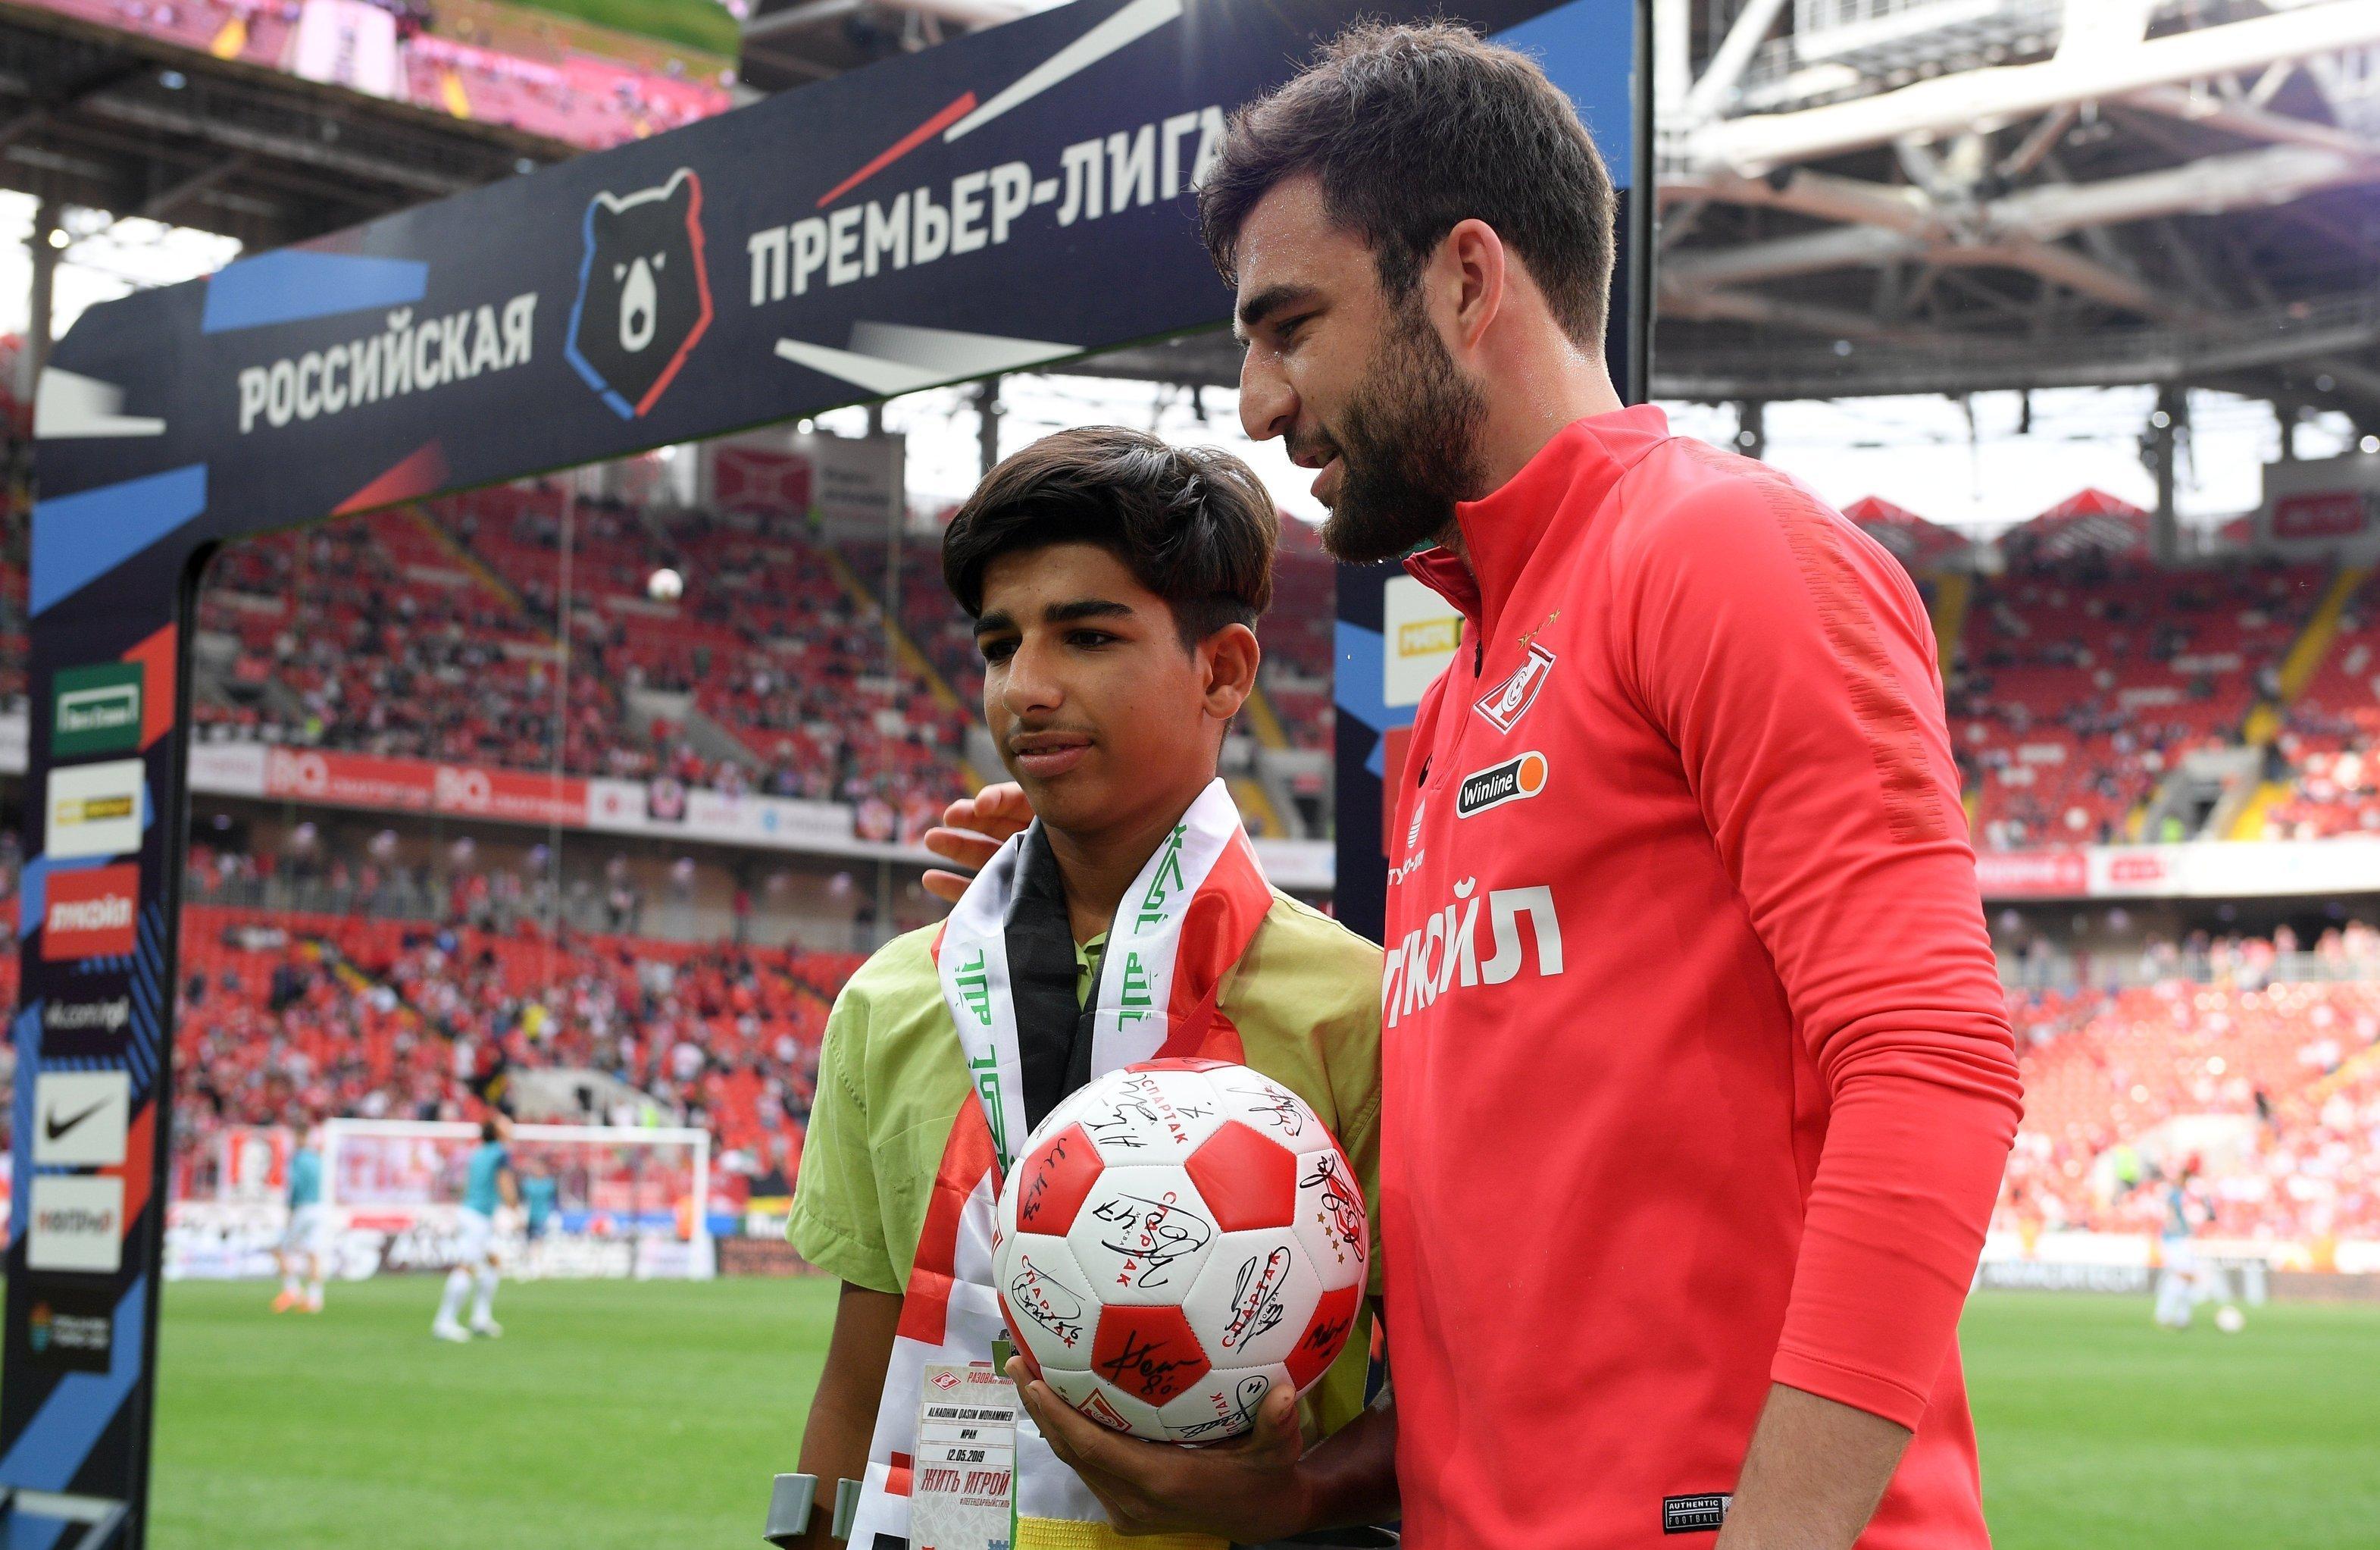 الفتى العراقي بطل صورة الرغبة في الحياة حاضرا في مباراة بالدوري الروسي